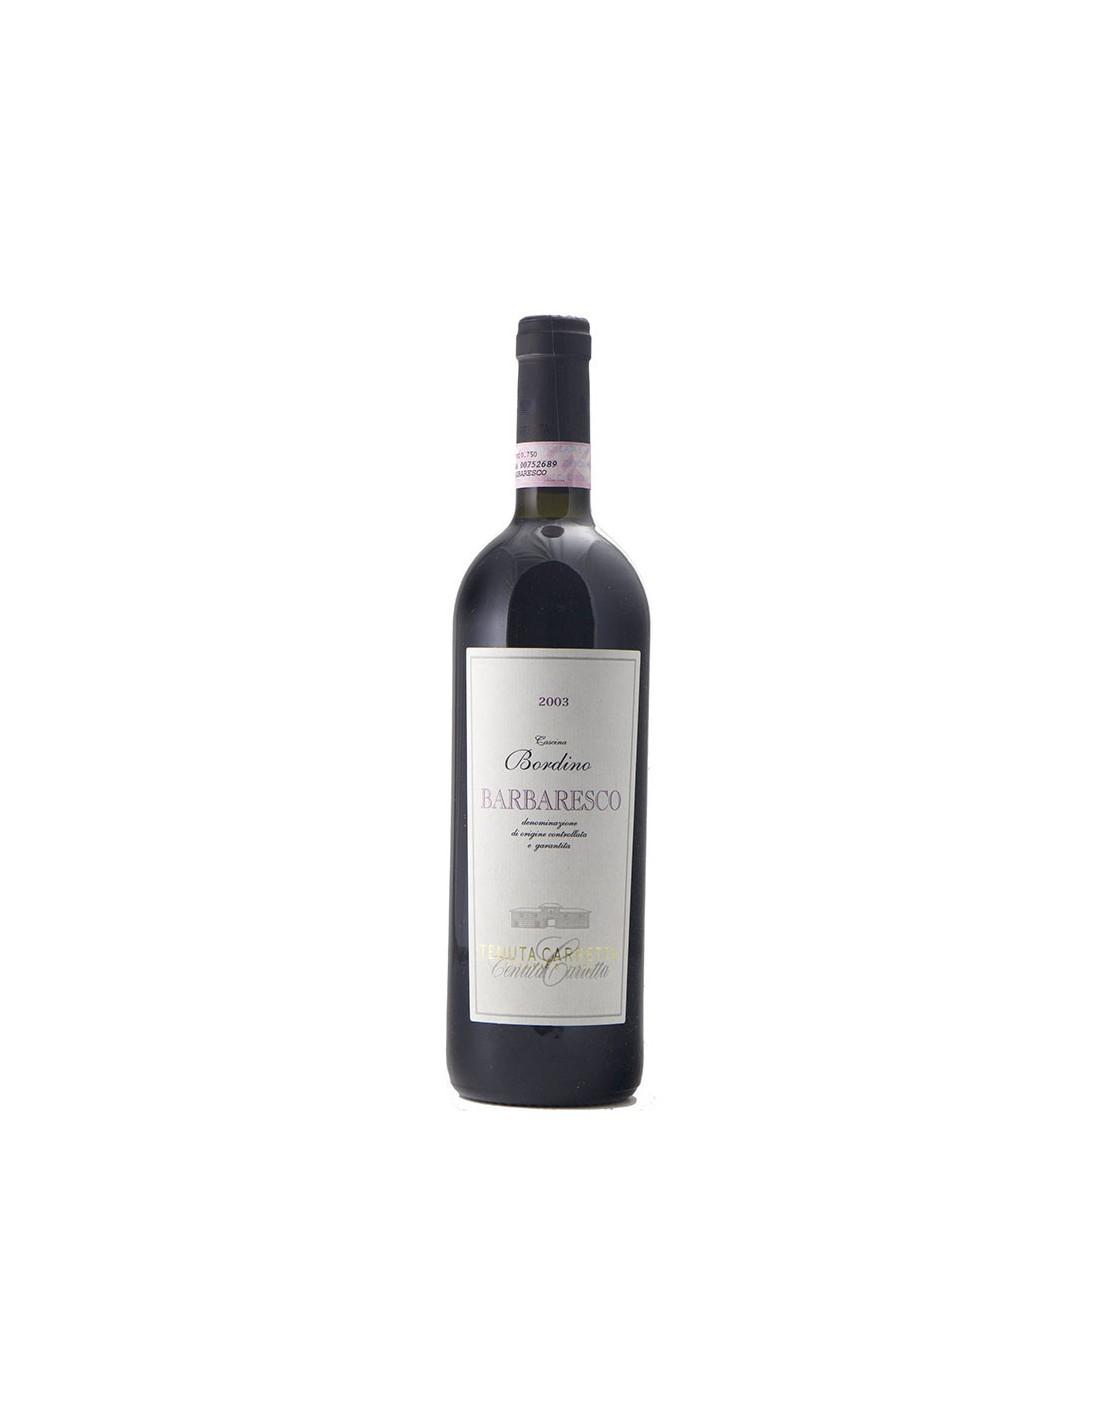 BARBARESCO CASCINA BORDINO 2003 TENUTA CARRETTA Grandi Bottiglie